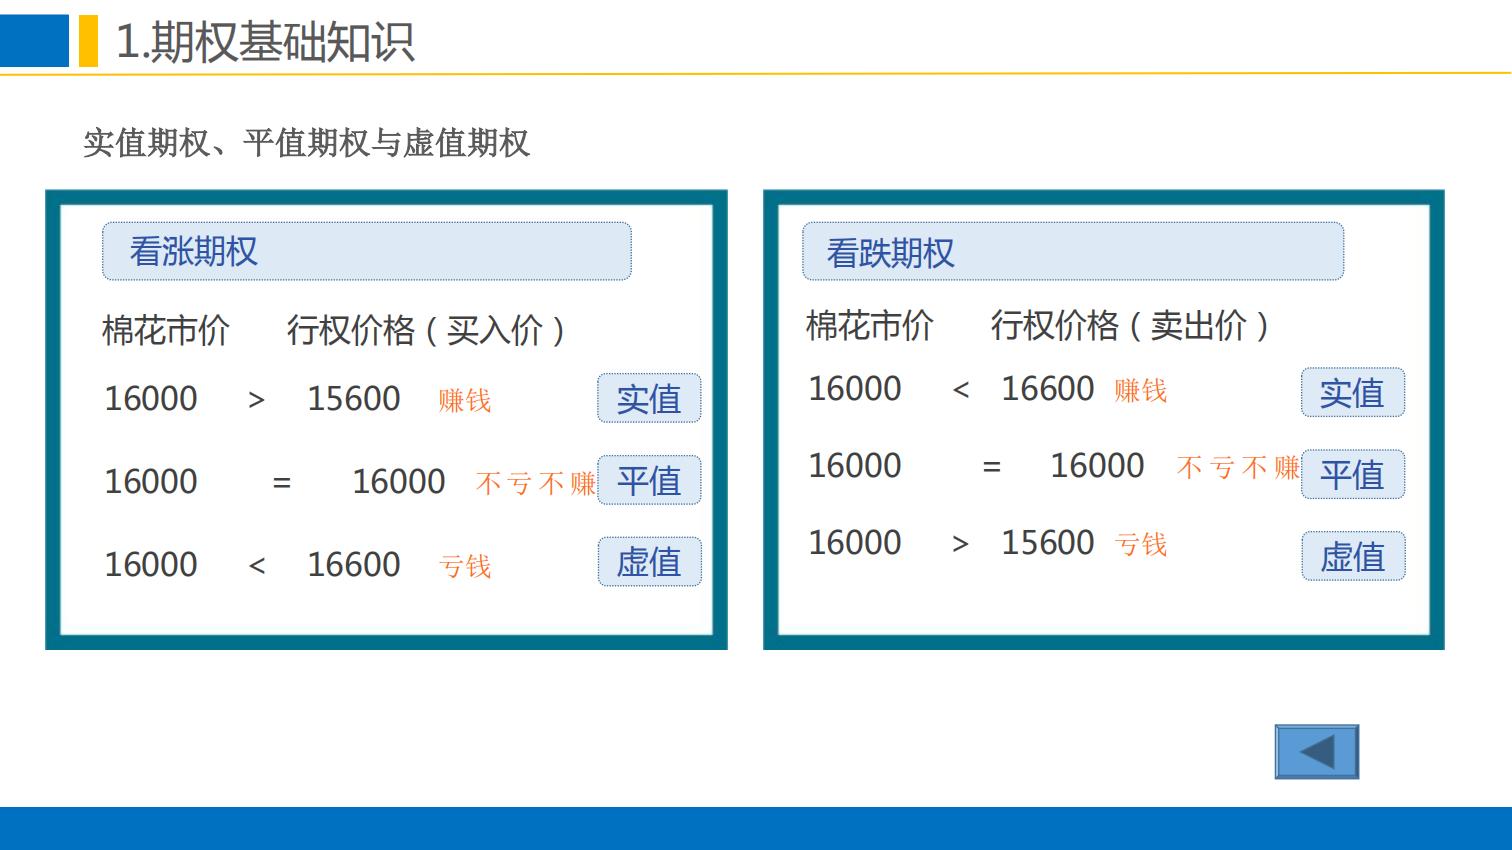 晨会:郑商所培训分享-棉花期权合约规则与上市工作安排0111.pdfx_08.png